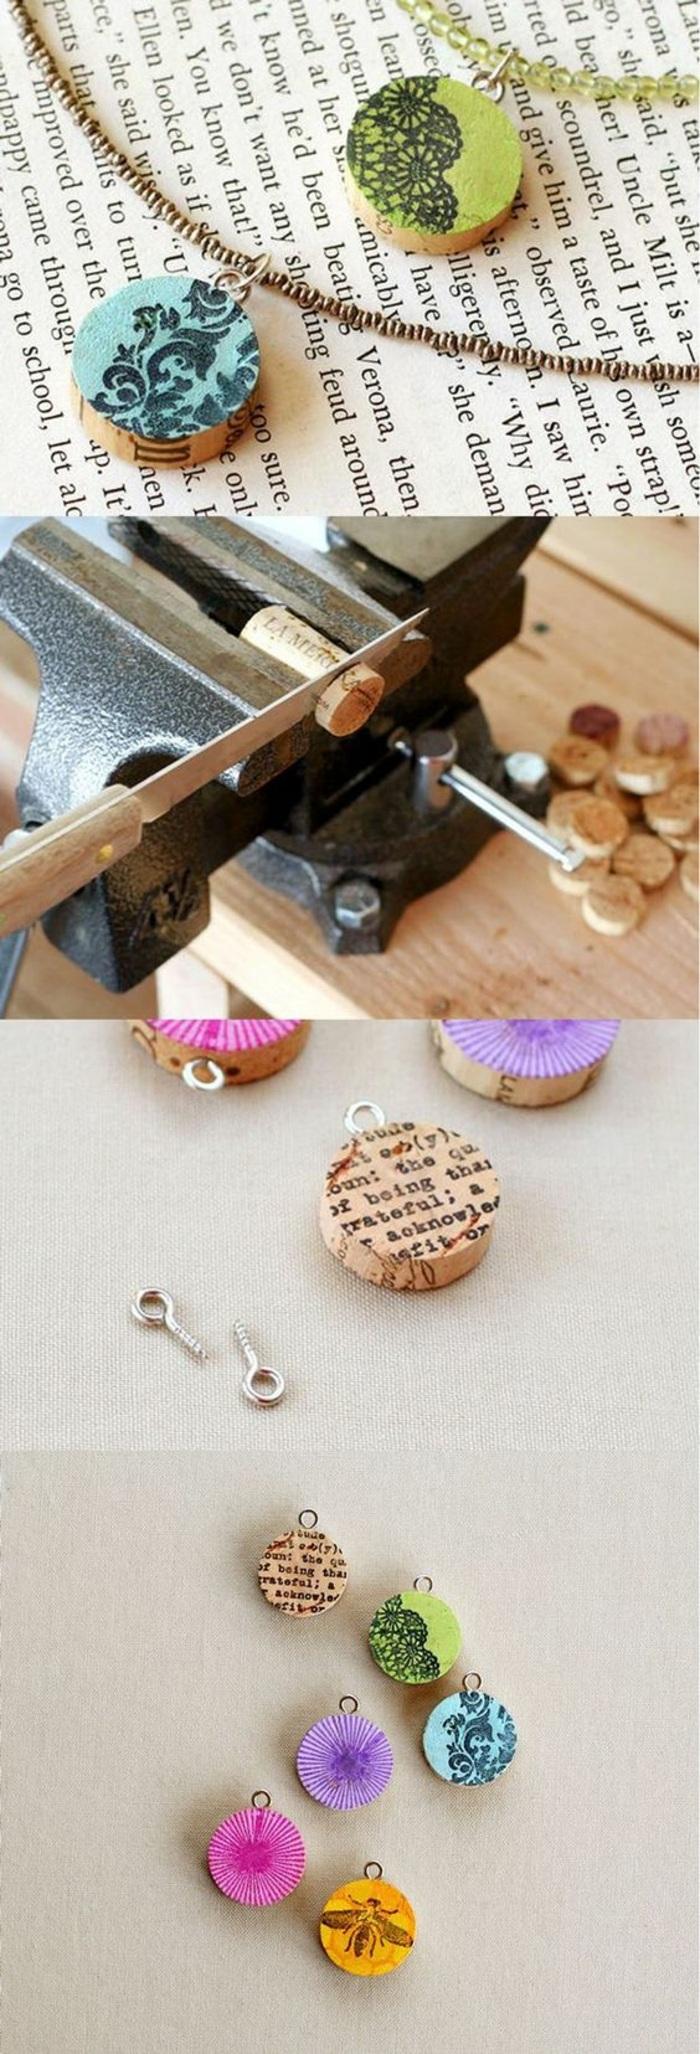 que faire avec bouchons de liège, idée bijoux à faire soi même, activité manuelle ado, fabrication collier avec pendentif de liège